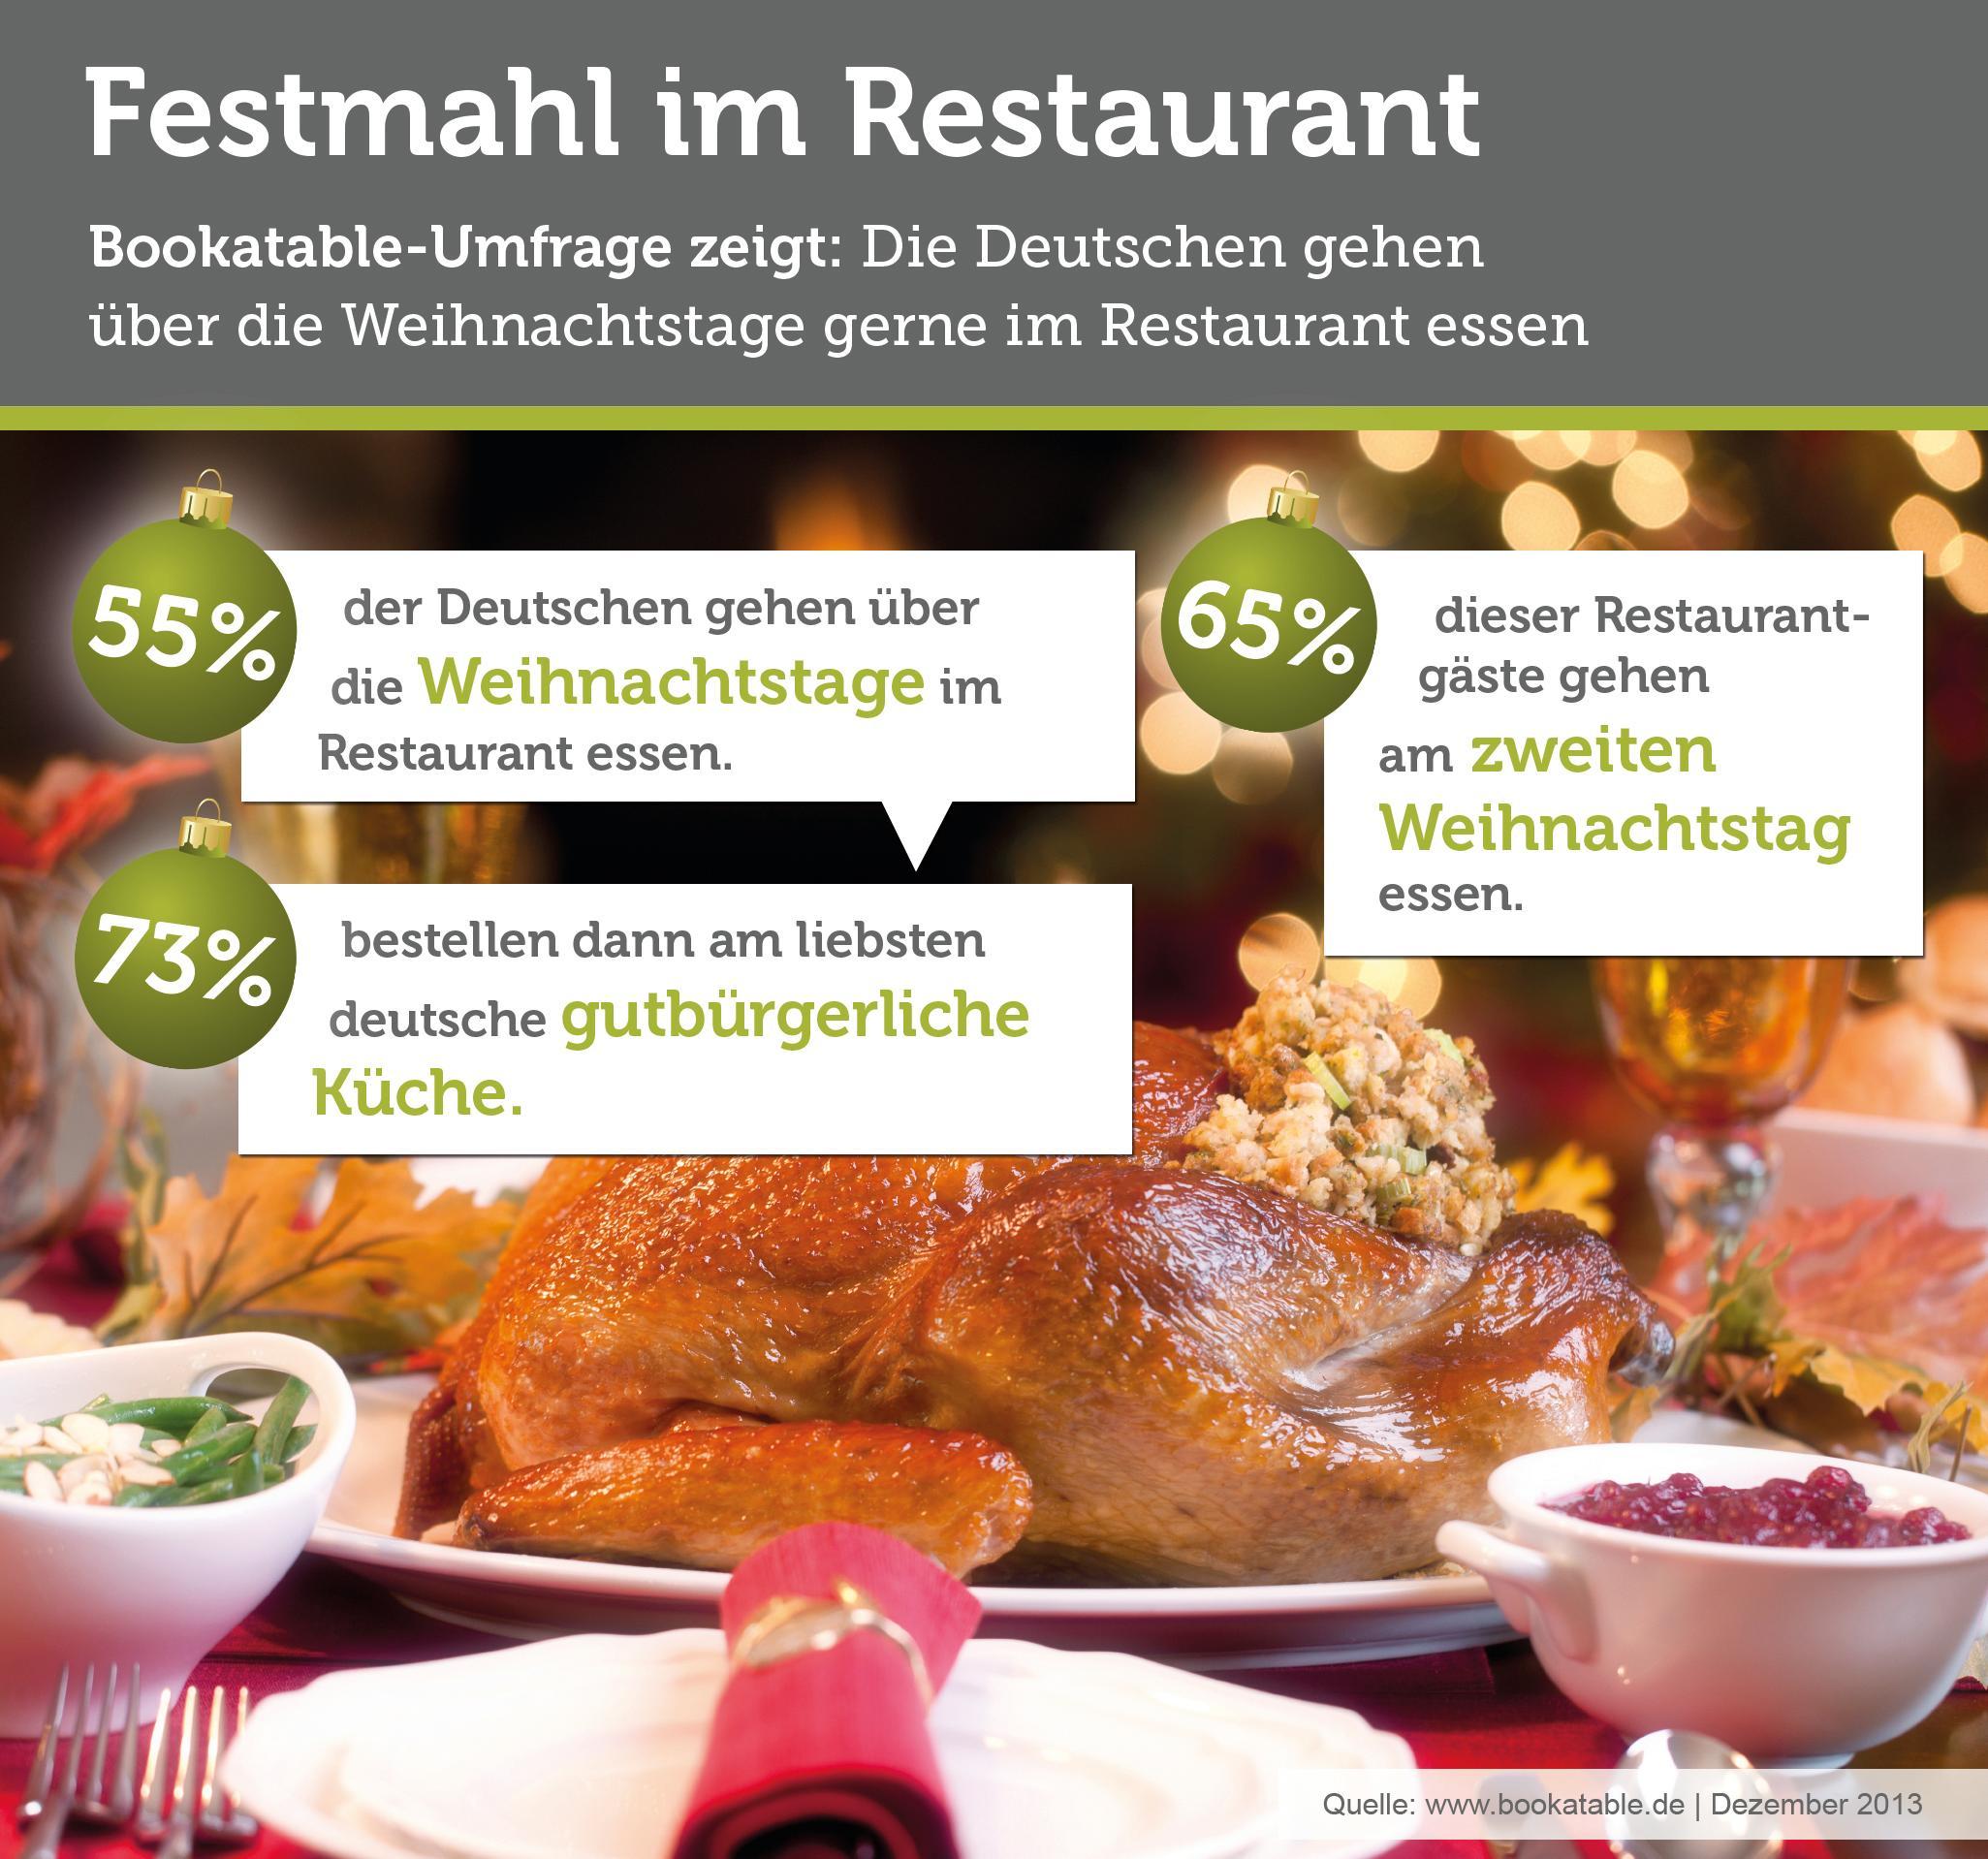 weihnachtsgans im restaurant umfrage mehr als die h lfte der deutschen gehen ber. Black Bedroom Furniture Sets. Home Design Ideas